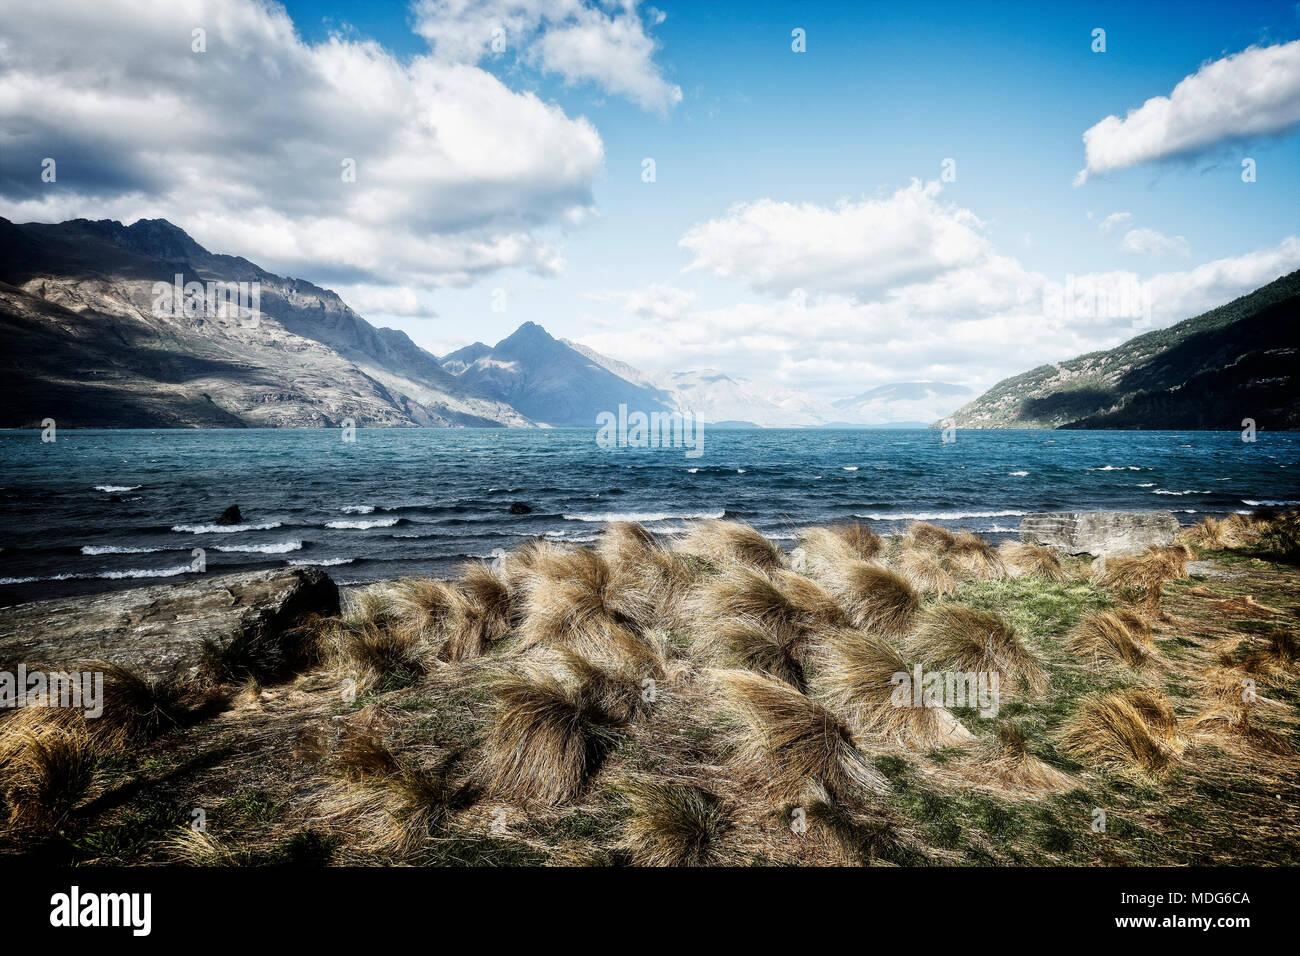 Le vent balaie le Lac Wakatipu près de Queenstown, whitecaps créant l'île du Sud, Nouvelle-Zélande. Photo Stock